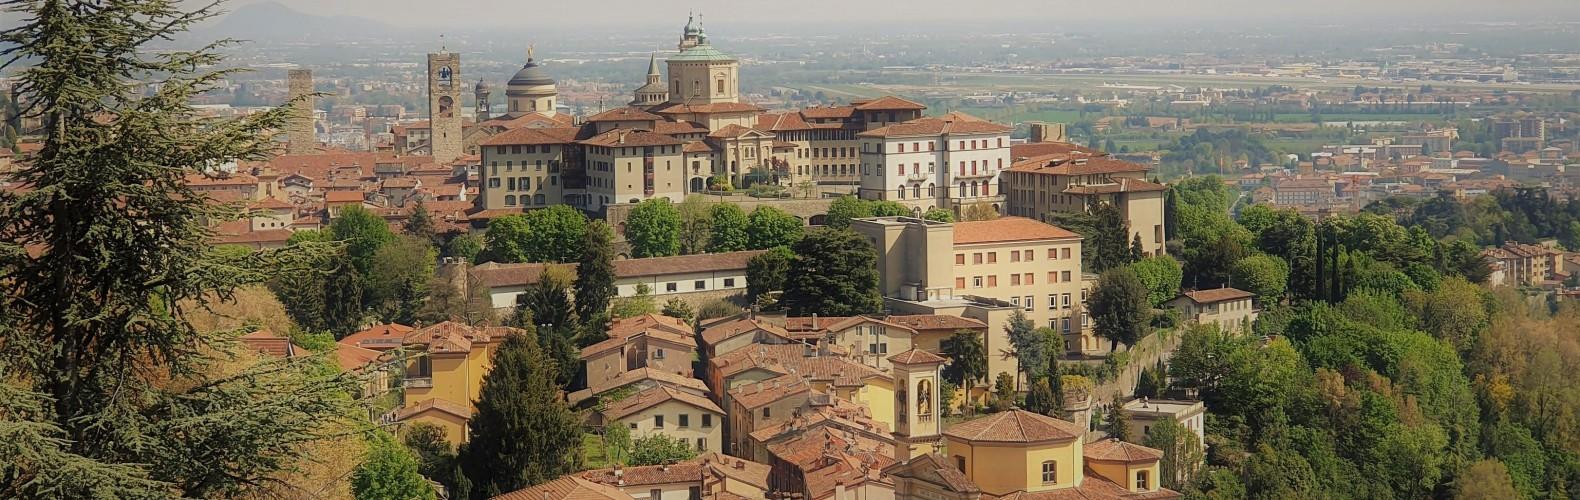 Veduta di Bergamo alta dal colle di S. Vigilio